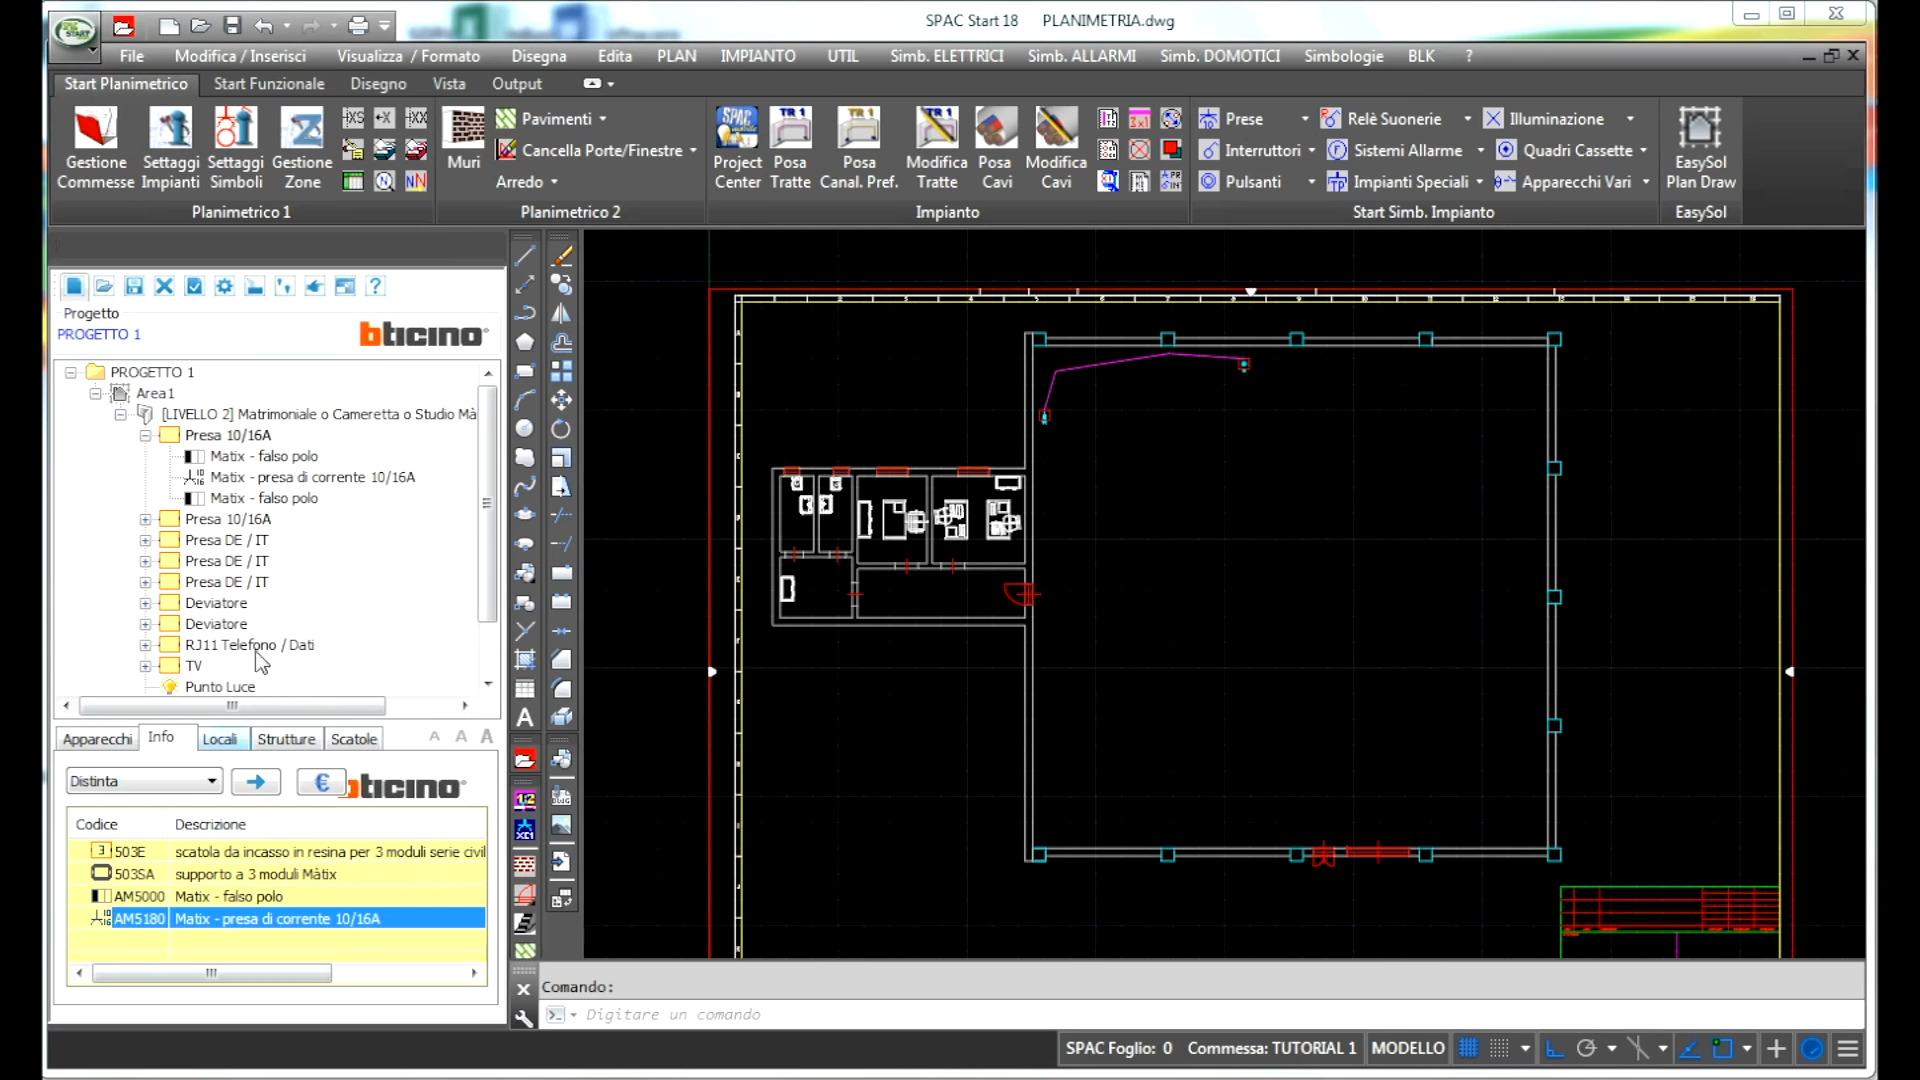 Schemi Elettrici Software : Spac start impianti software cad per la progettazione di